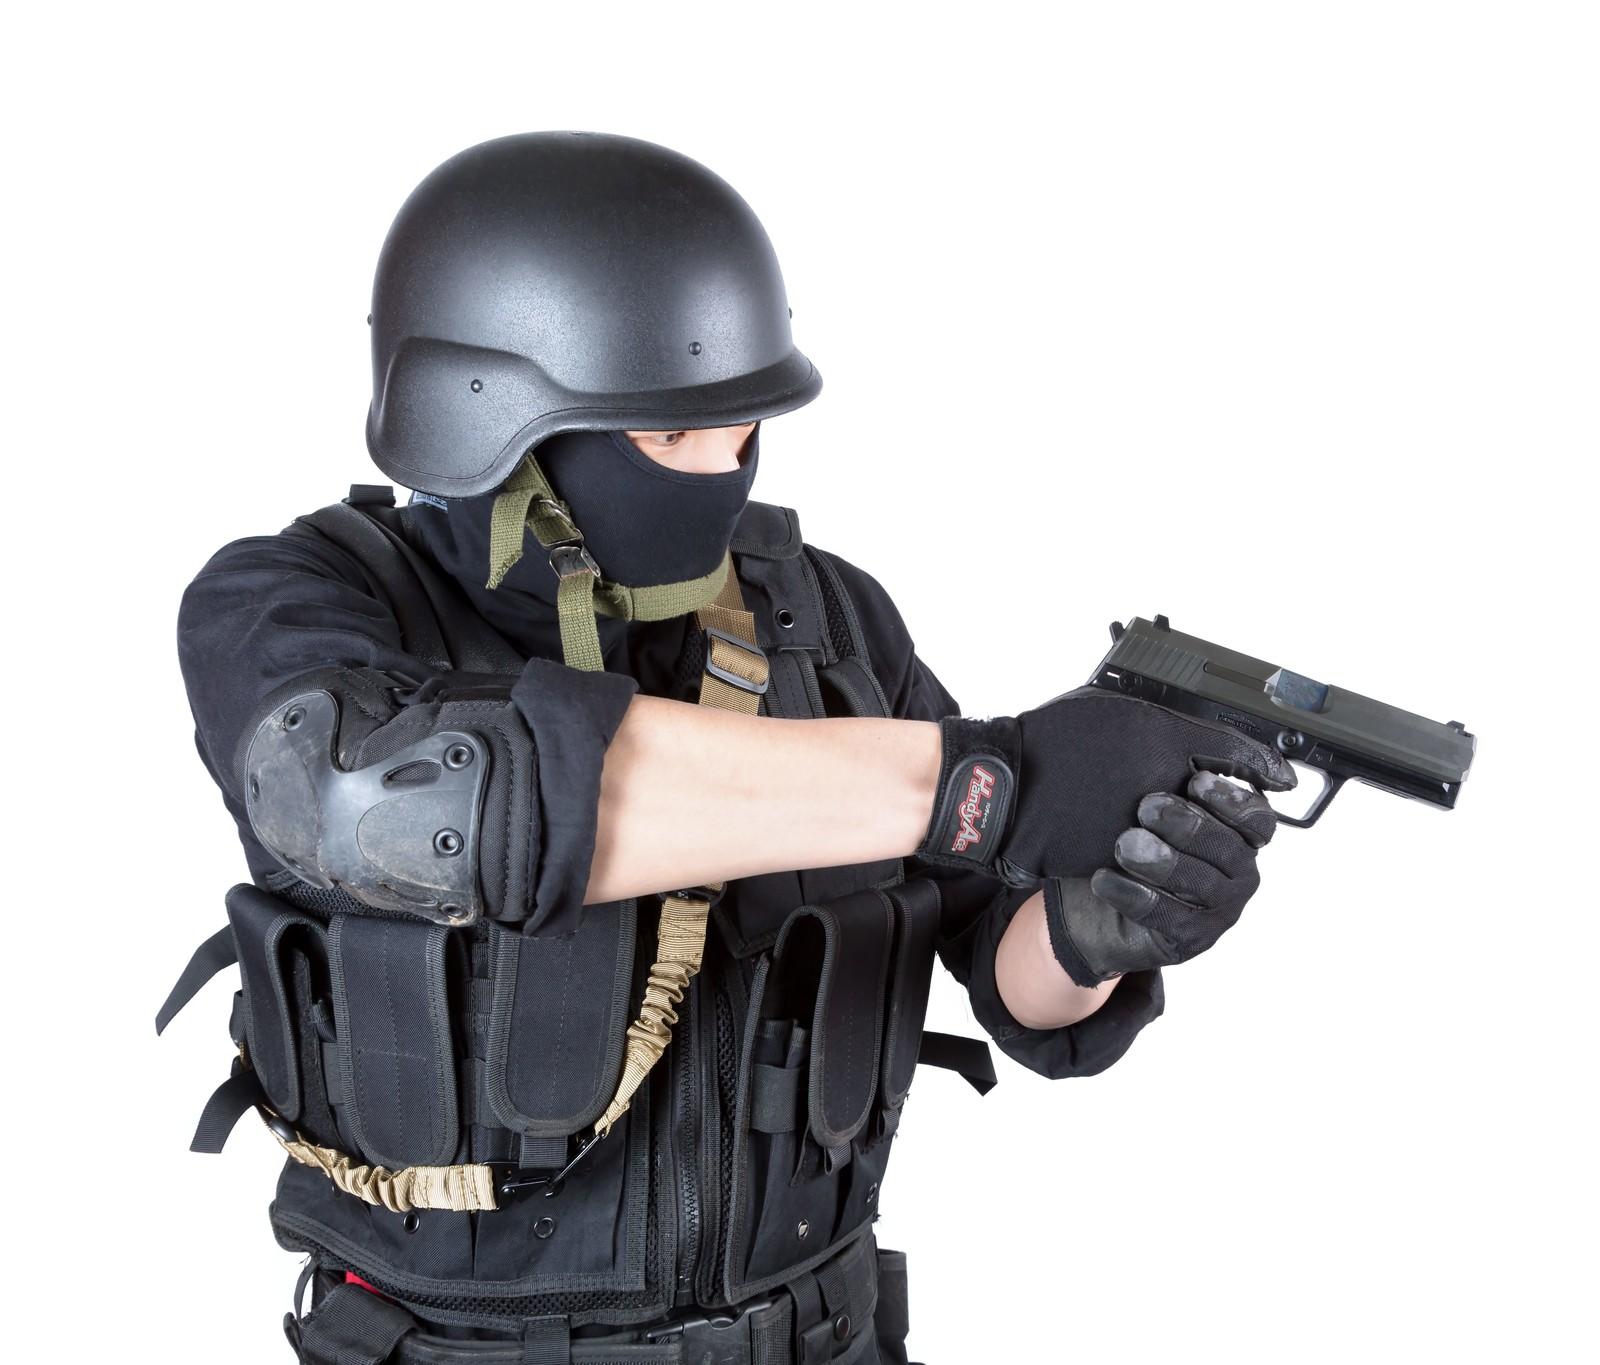 銃を構える特殊部隊員